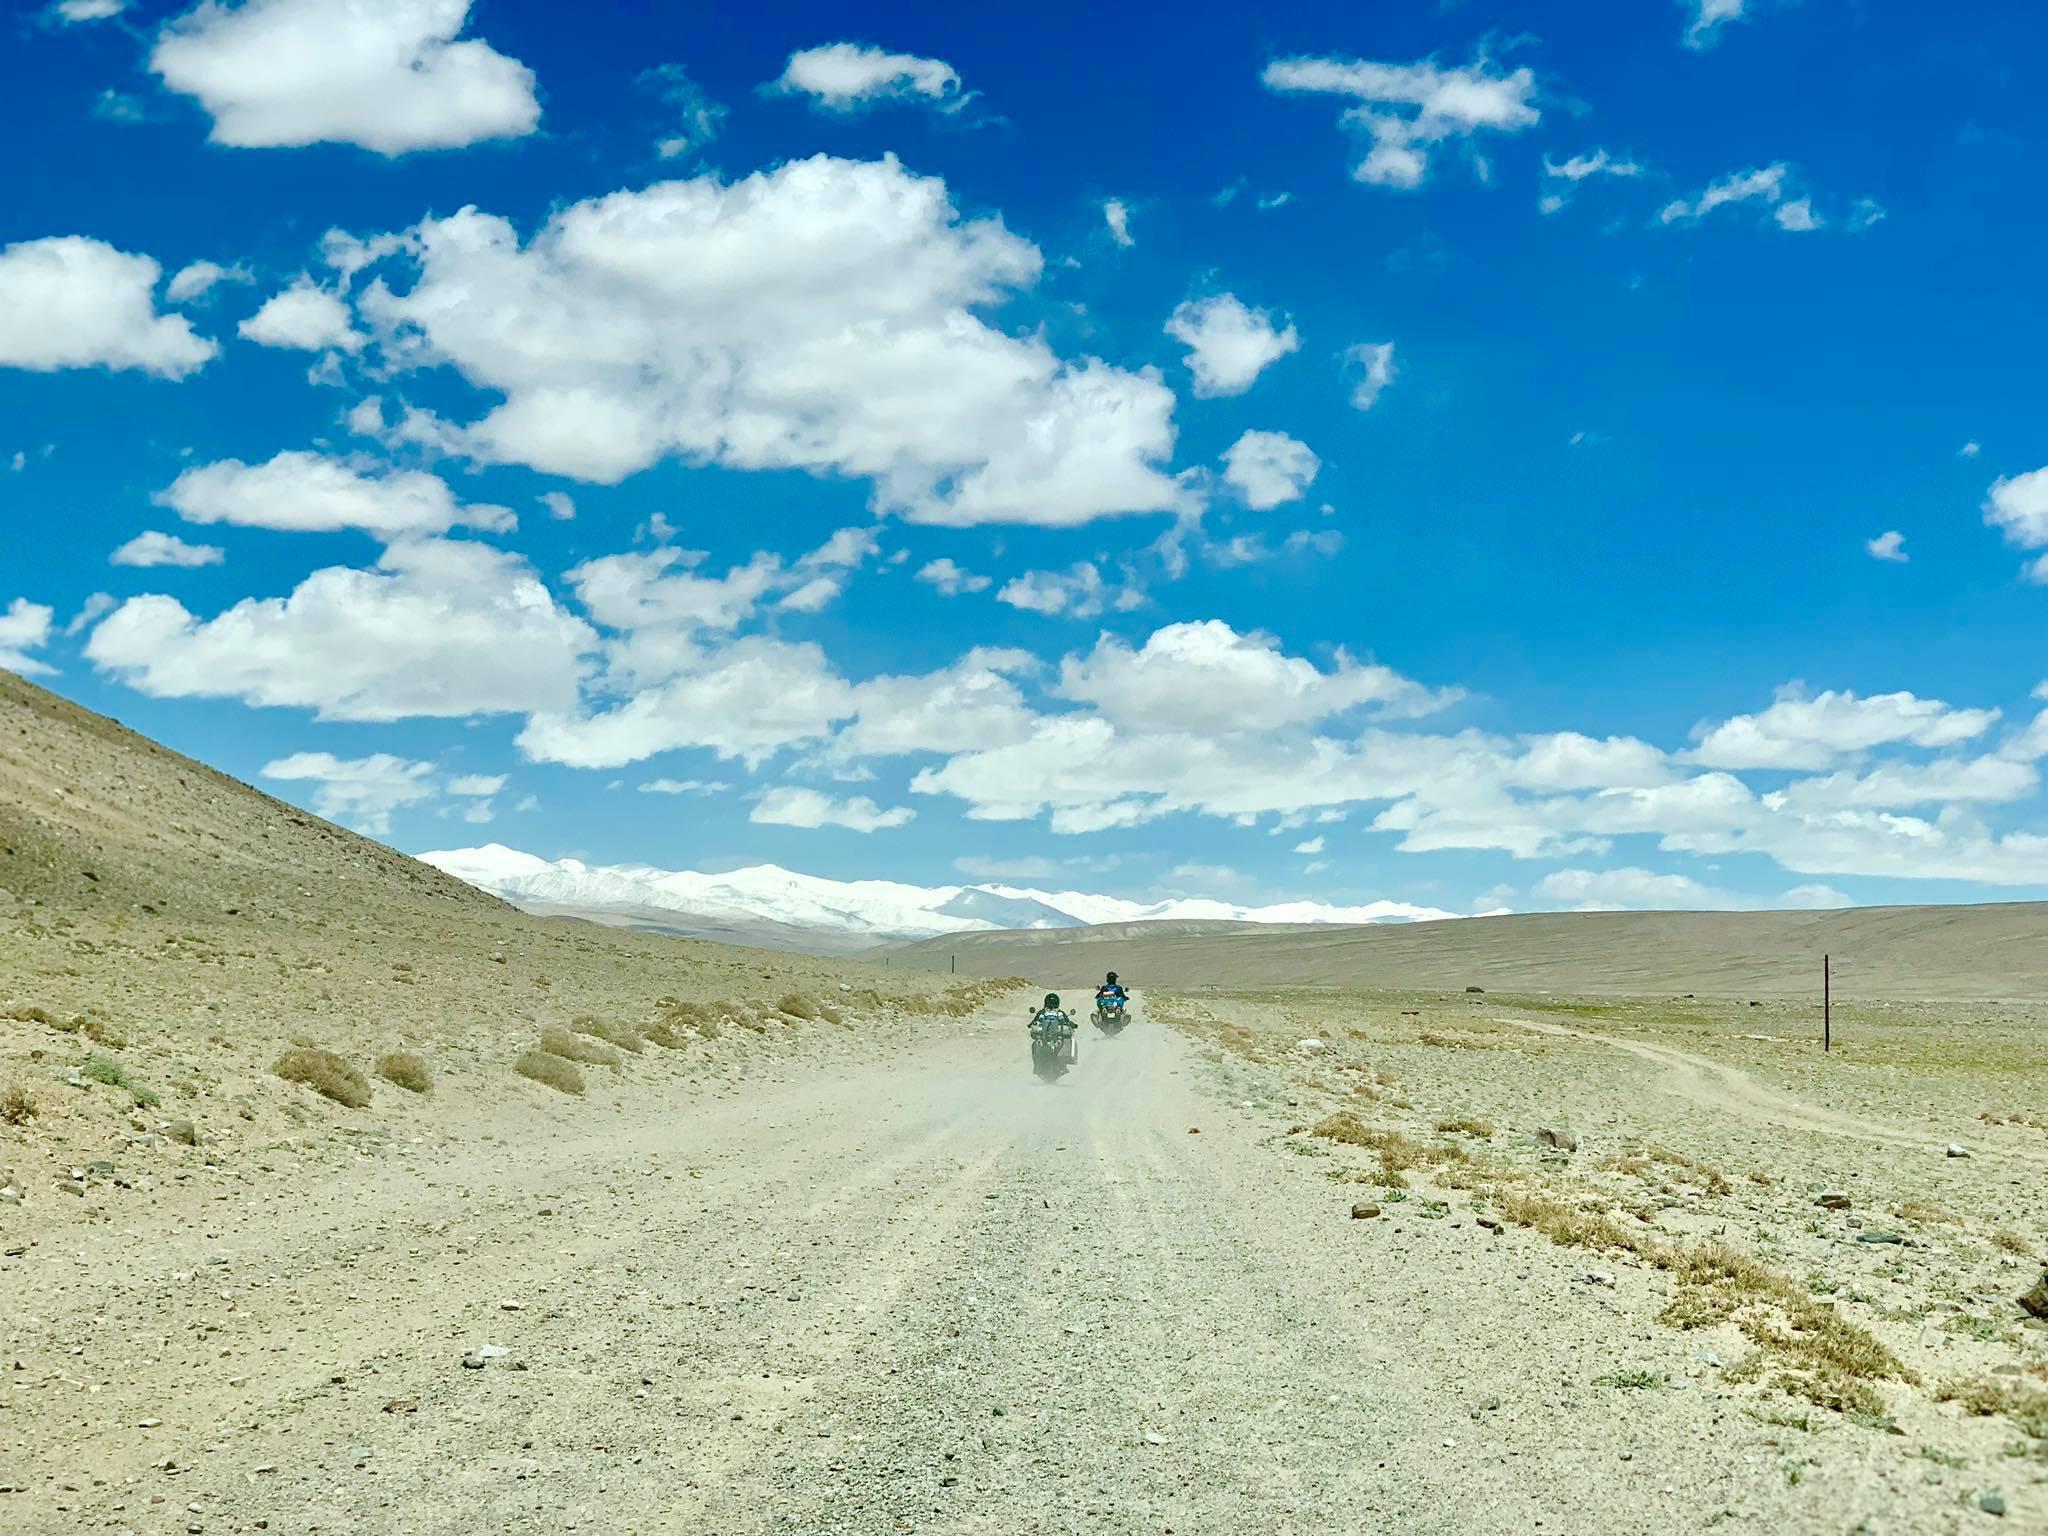 Kach Solo Travels in 2019 Homestay at Bulunkul Village6.jpg